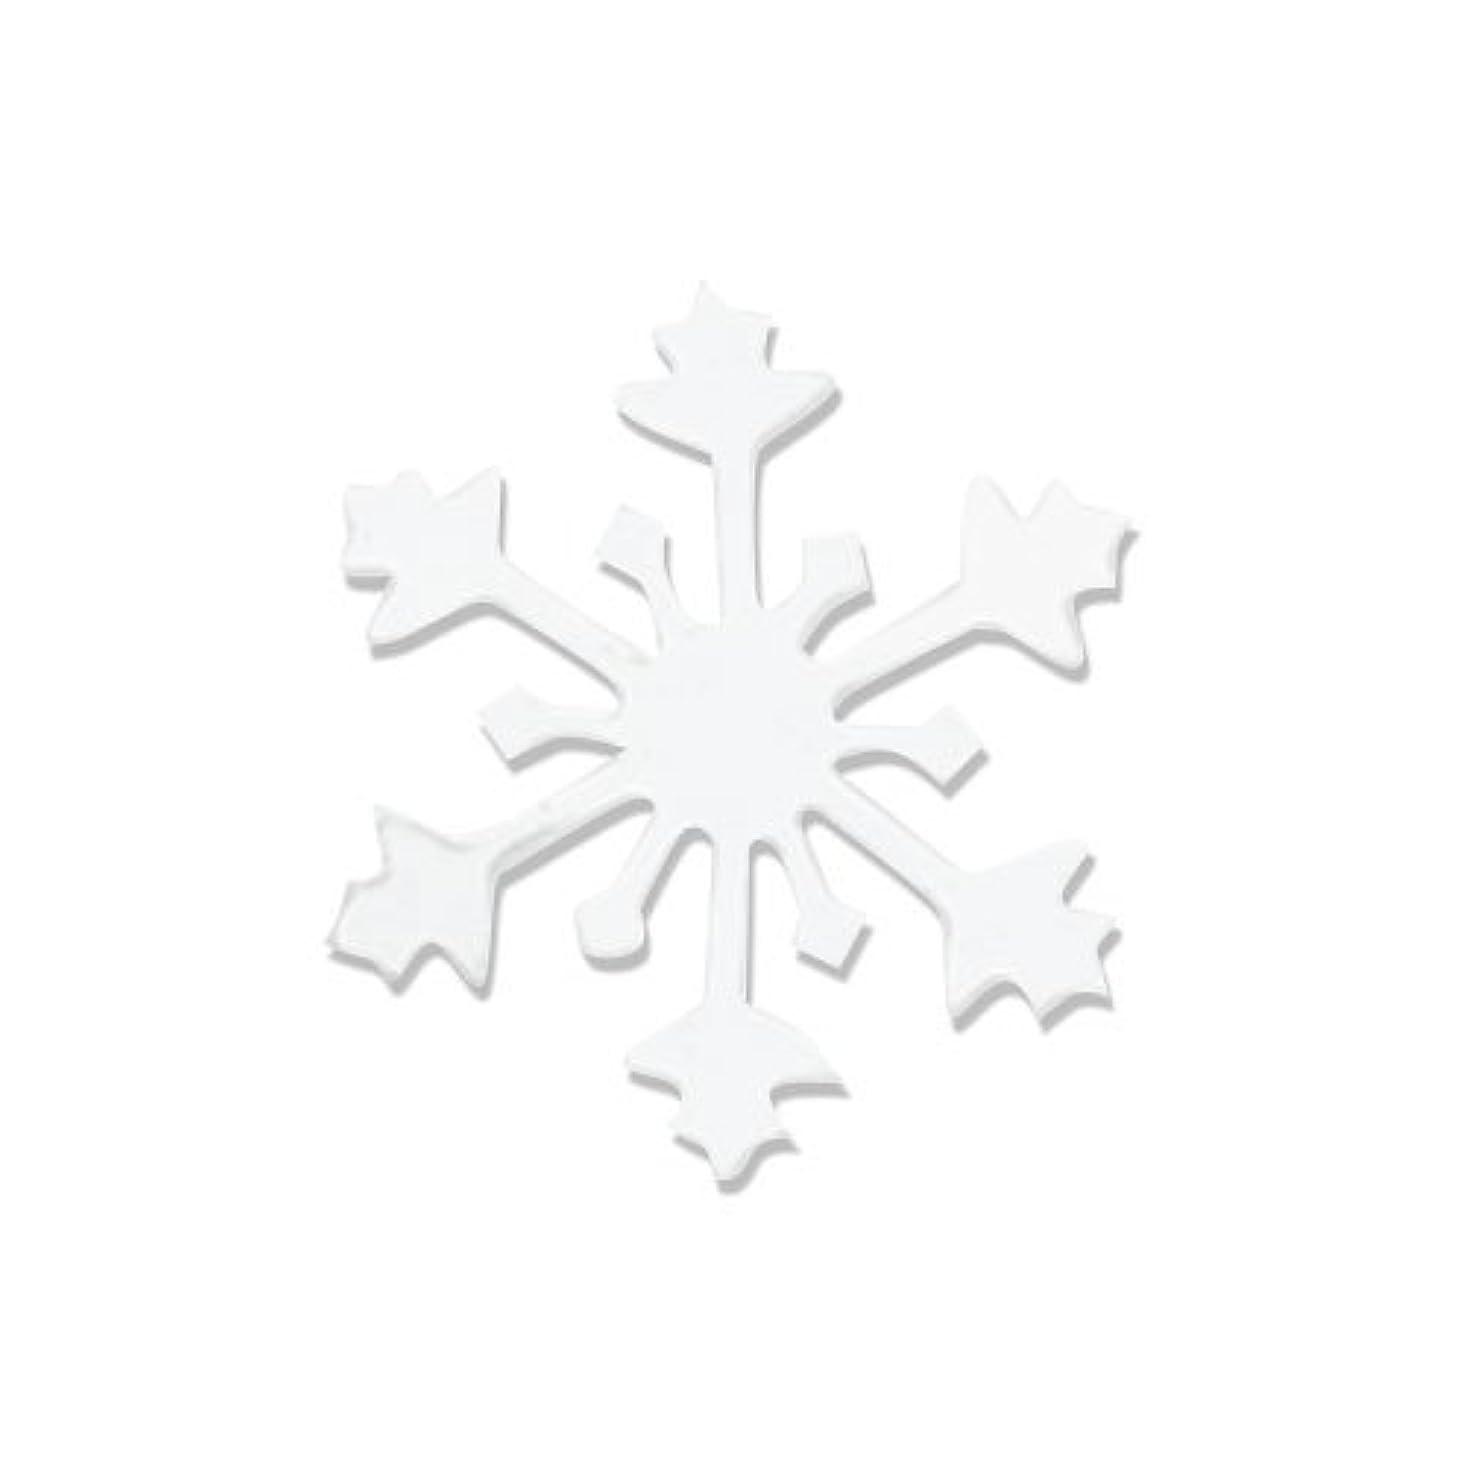 嫌がる入る肌寒いリトルプリティー ネイルアートパーツ スノークリスタル S ホワイト 10個